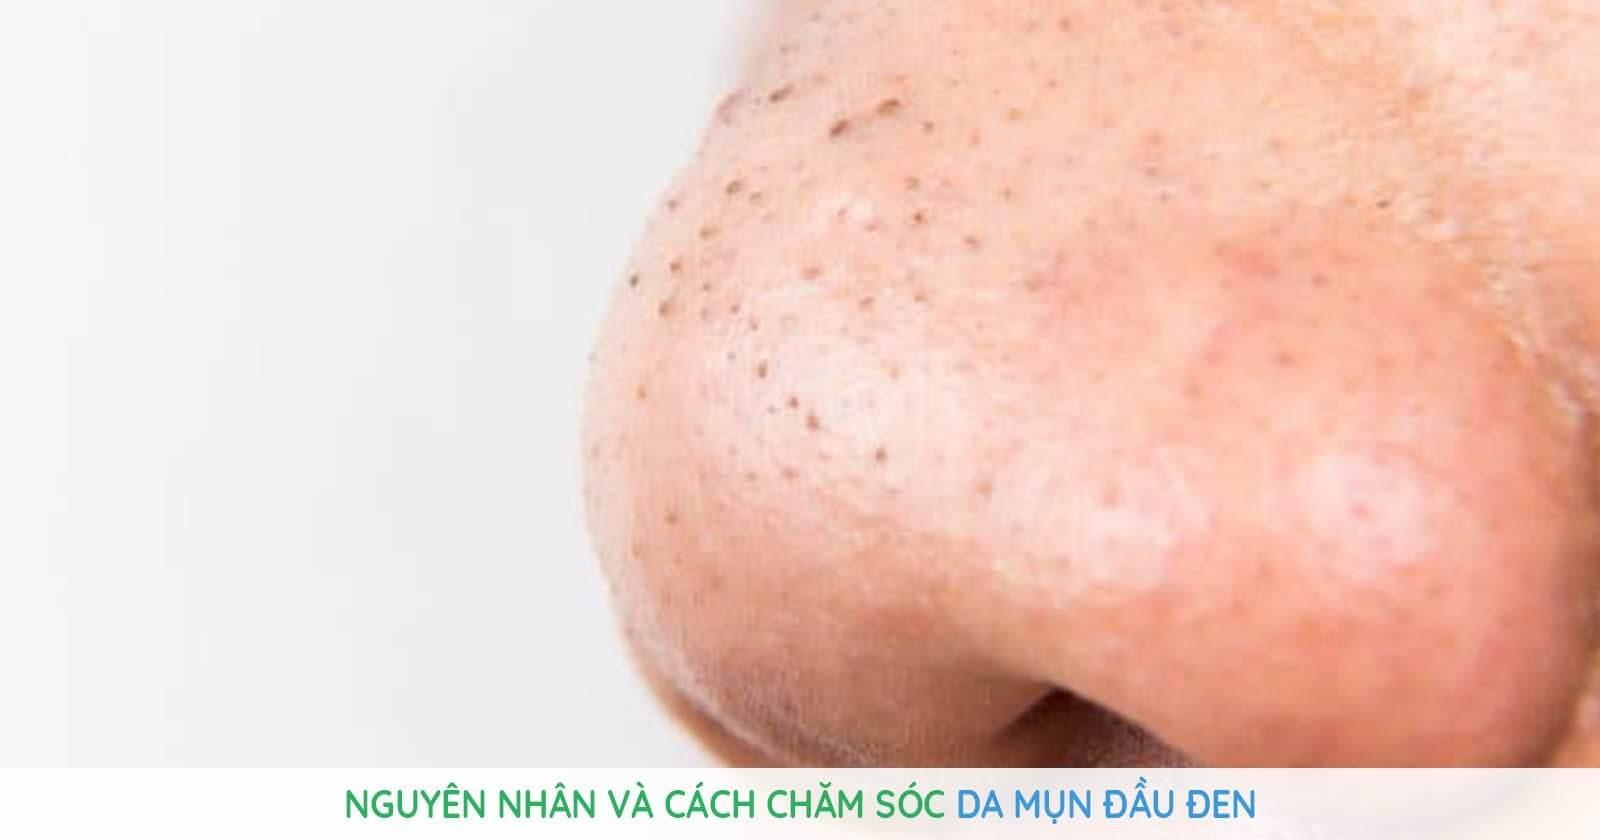 Có thể dùng các sản phẩm trị mụn như thuốc, kem, serum,... để cải thiện mụn đầu đen